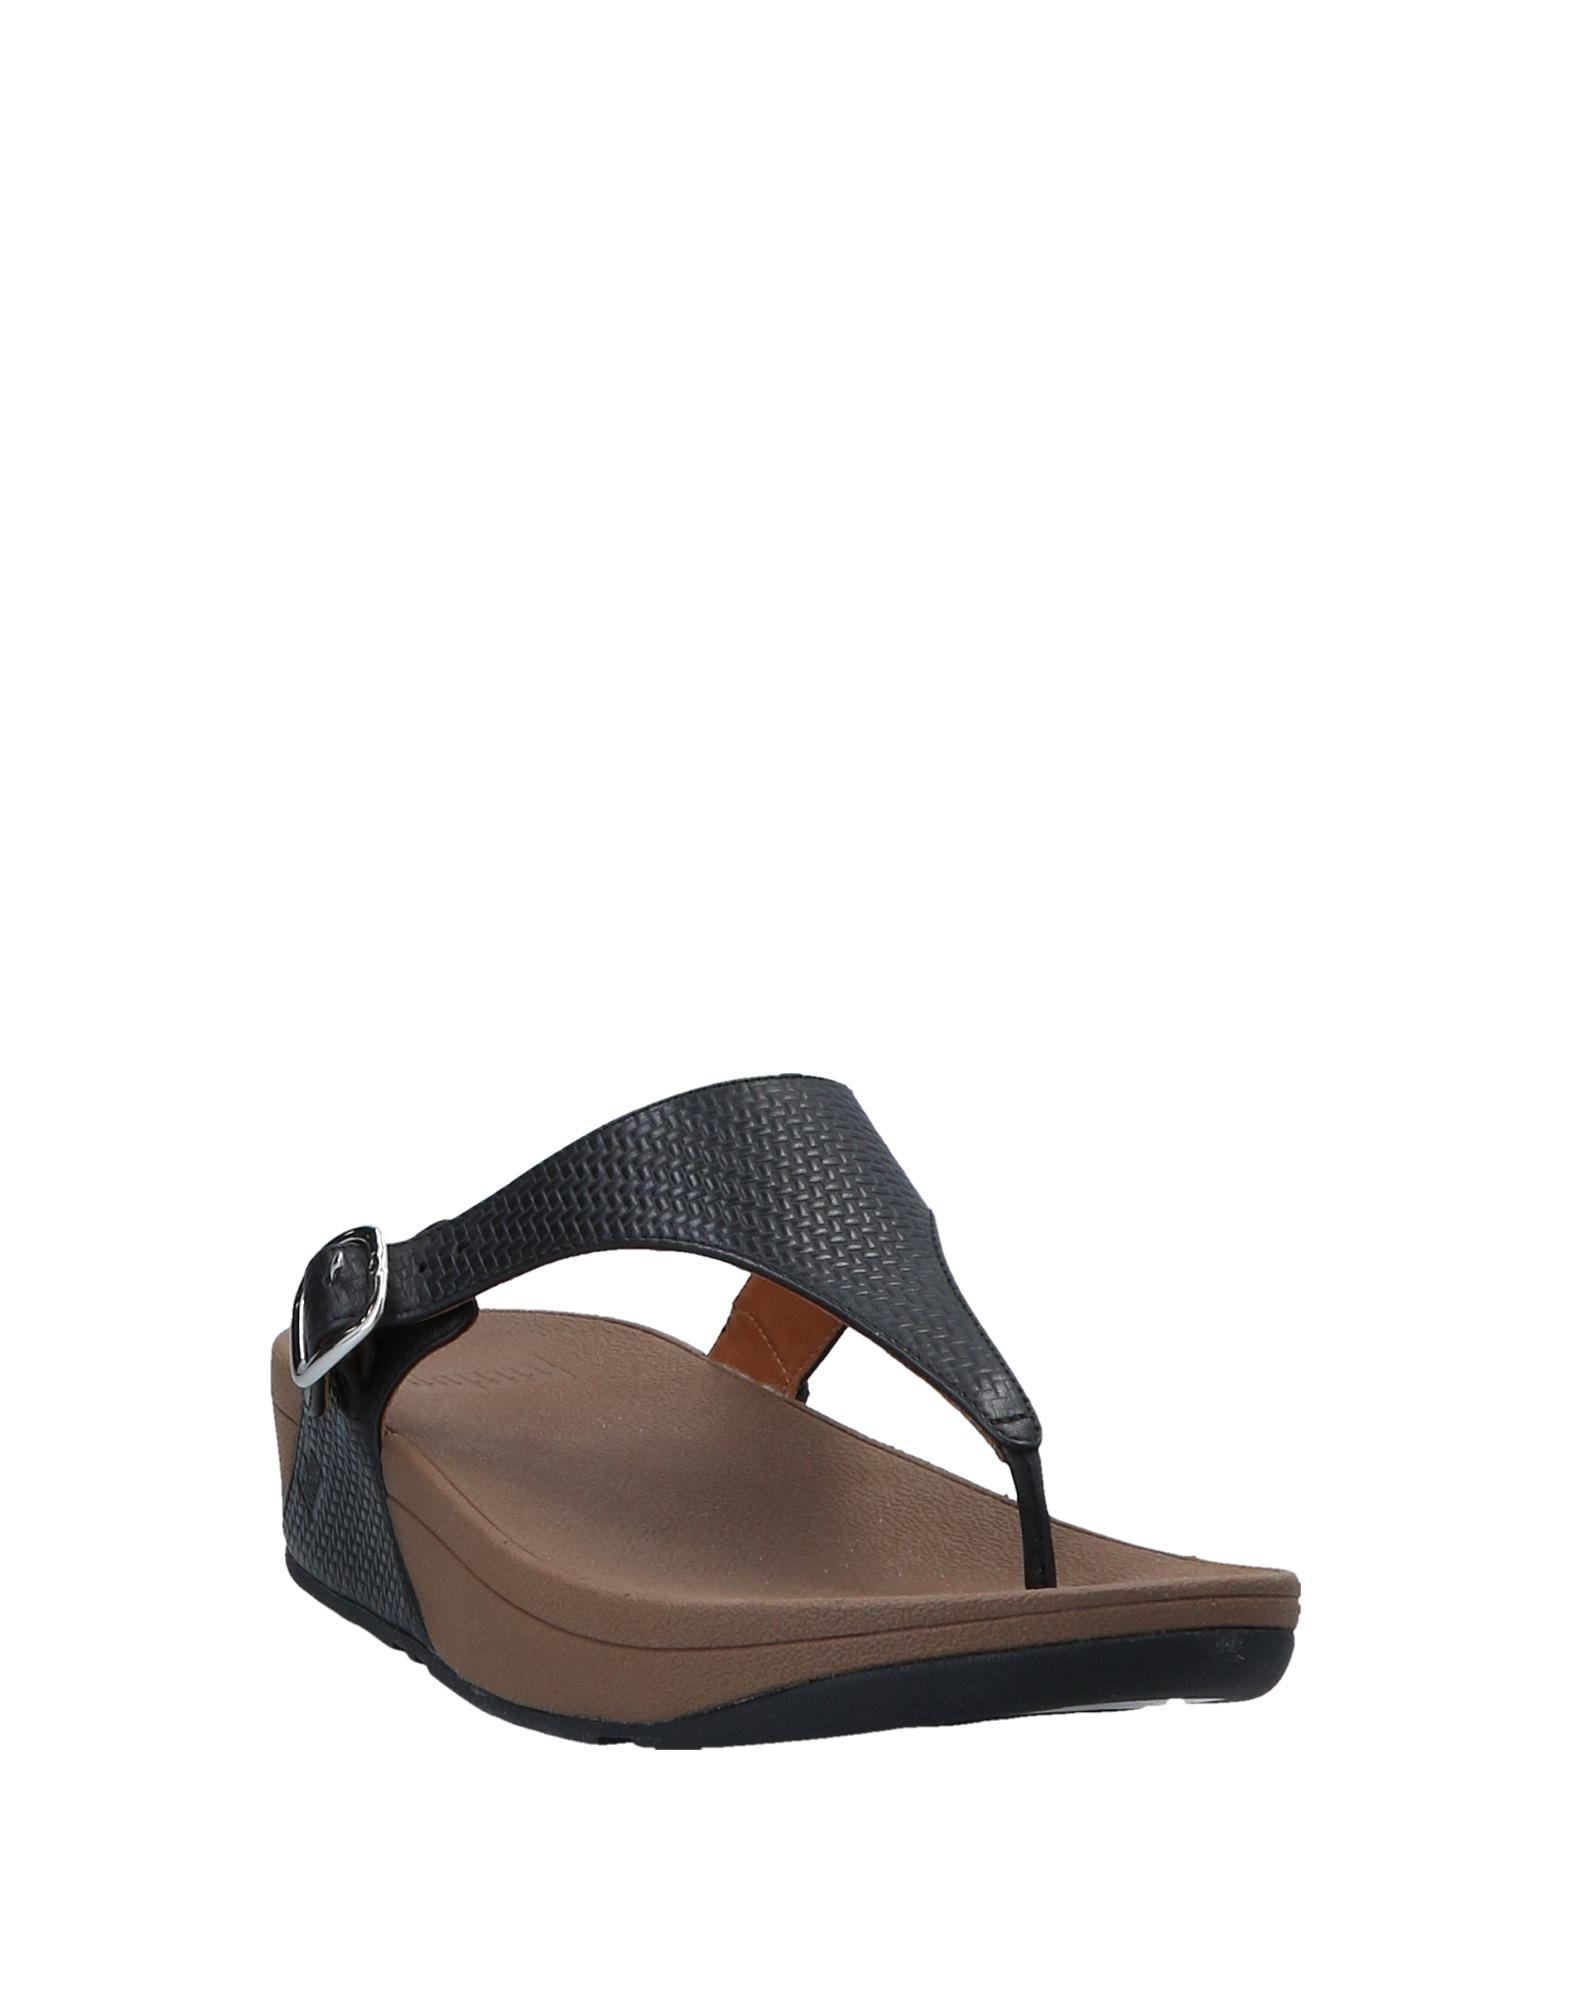 Fitflop Gute Dianetten Damen  11546335IS Gute Fitflop Qualität beliebte Schuhe cfb6c3